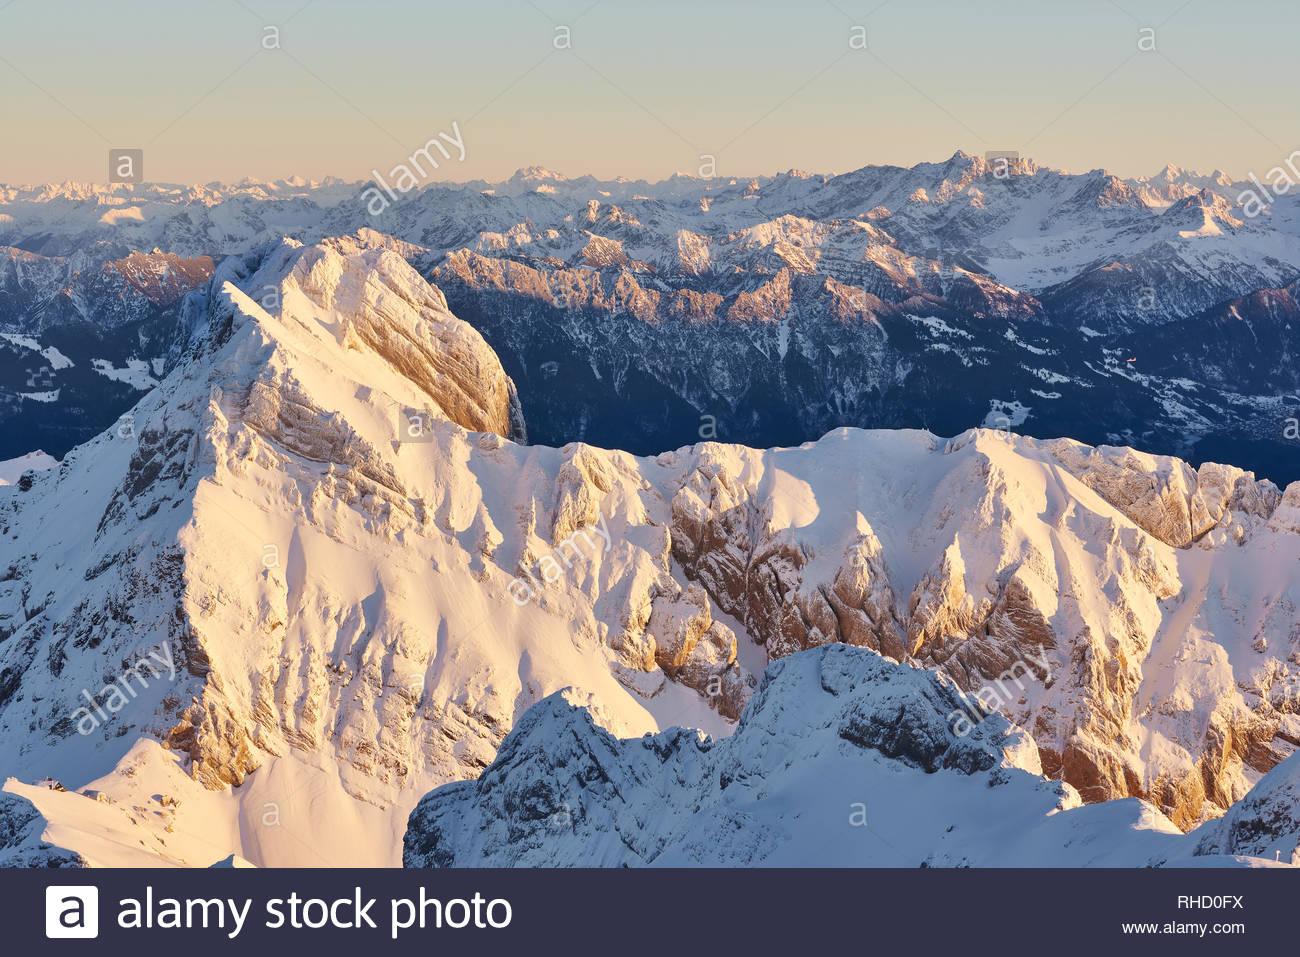 Blick vom Säntis im Abendlicht, schneebedeckte Berge, Felsen, Panorama, Himmel - Stock Image